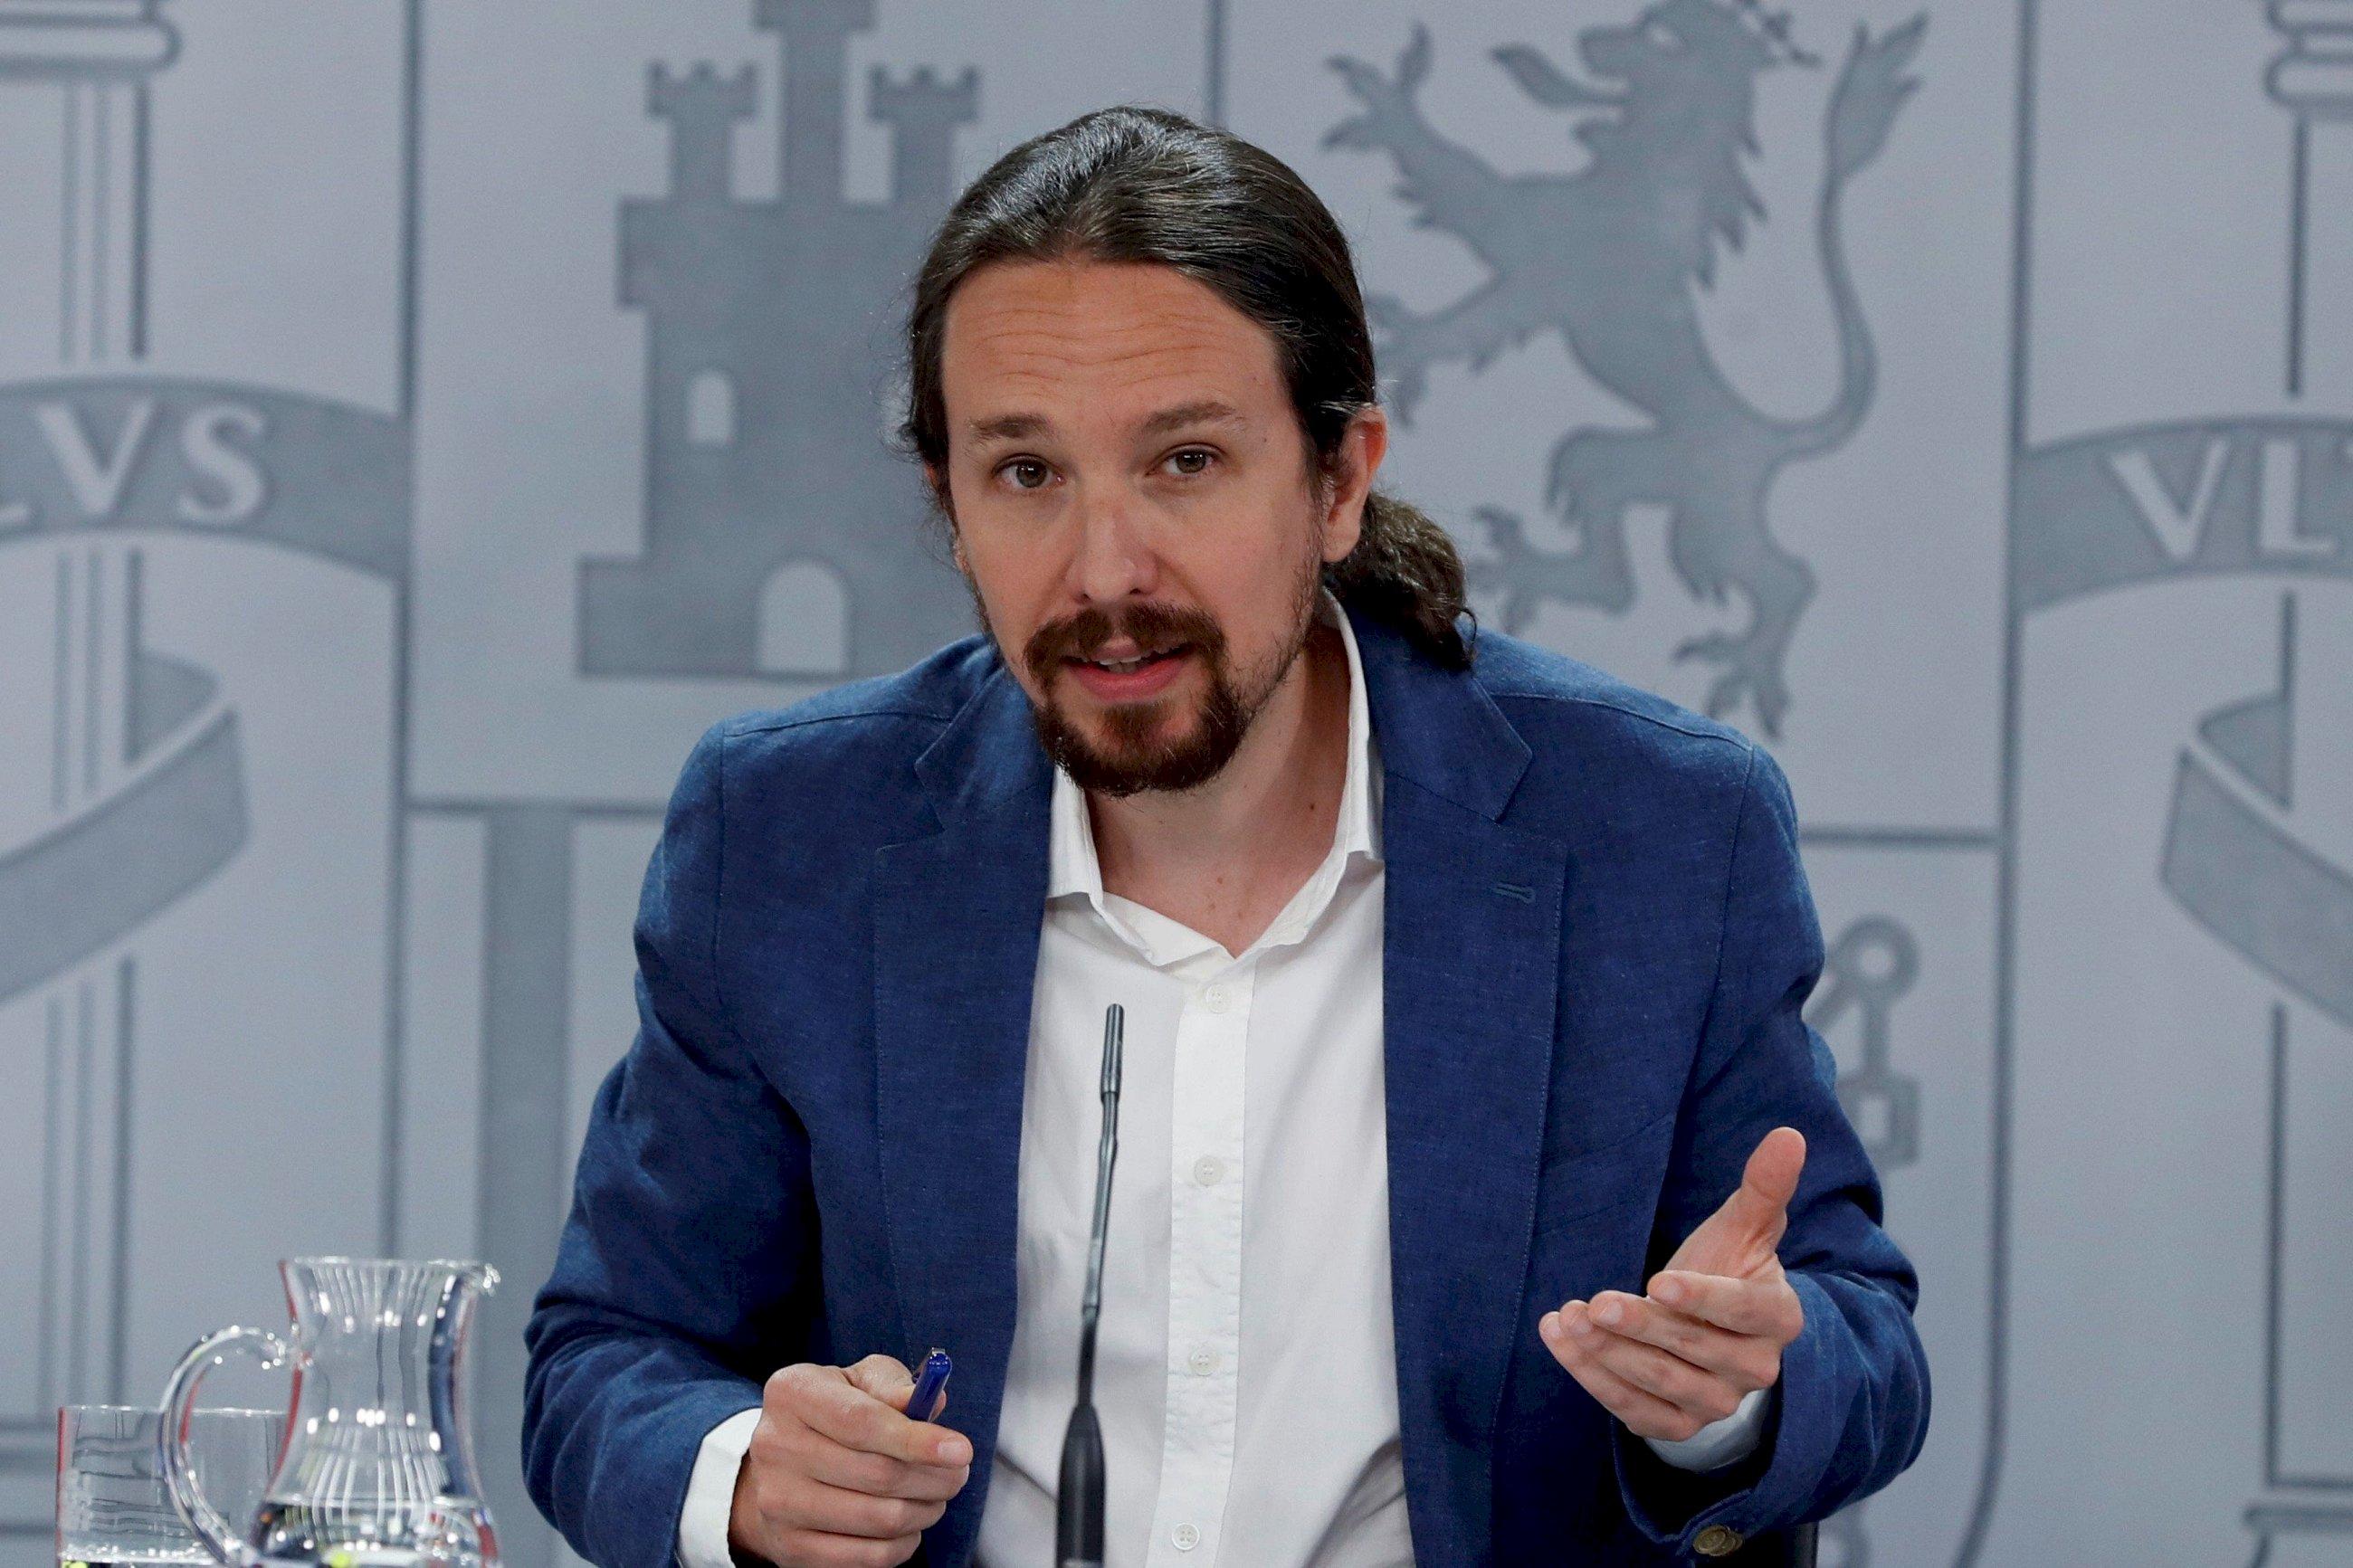 El ahora exvicepresidente segundo del Gobierno y líder de Podemos, Pablo Iglesias, en una rueda de prensa en La Moncloa | EFE/JJG/Archivo